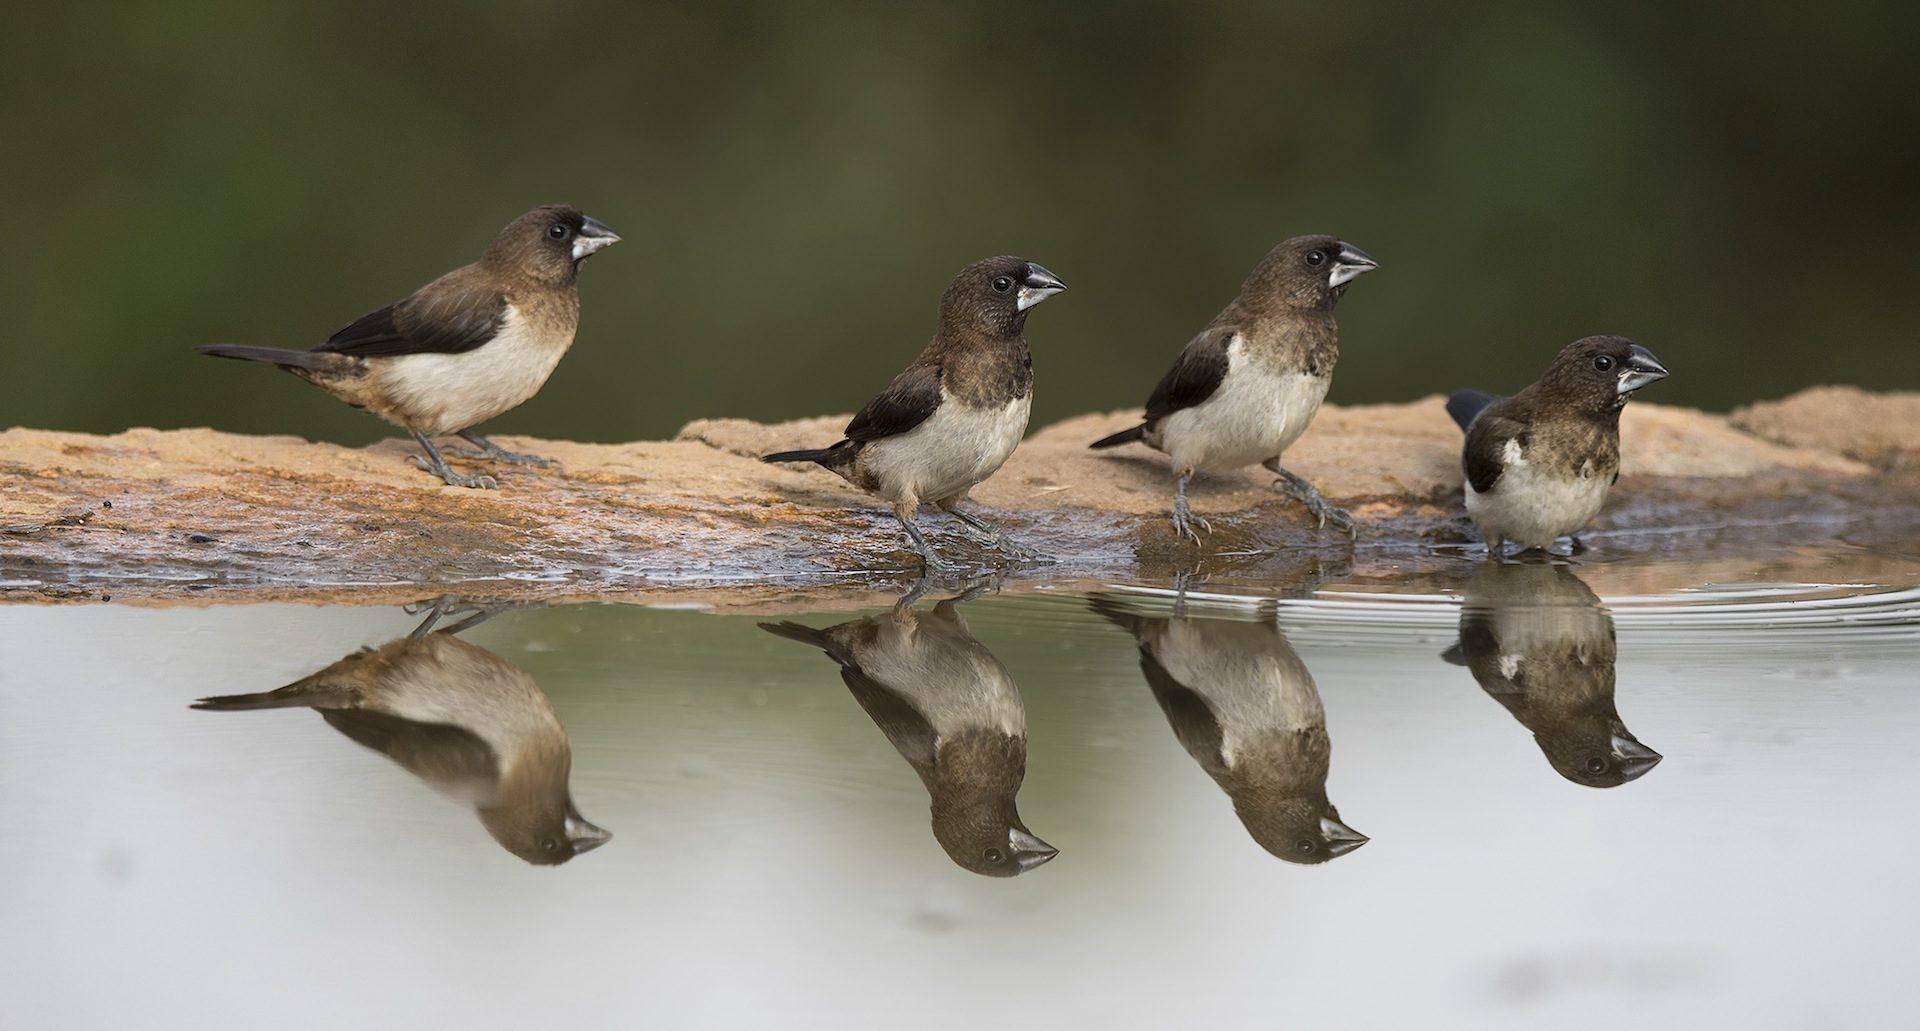 pájaros, reflejos, estanque, agua, picos - Fondos de Pantalla HD - professor-falken.com